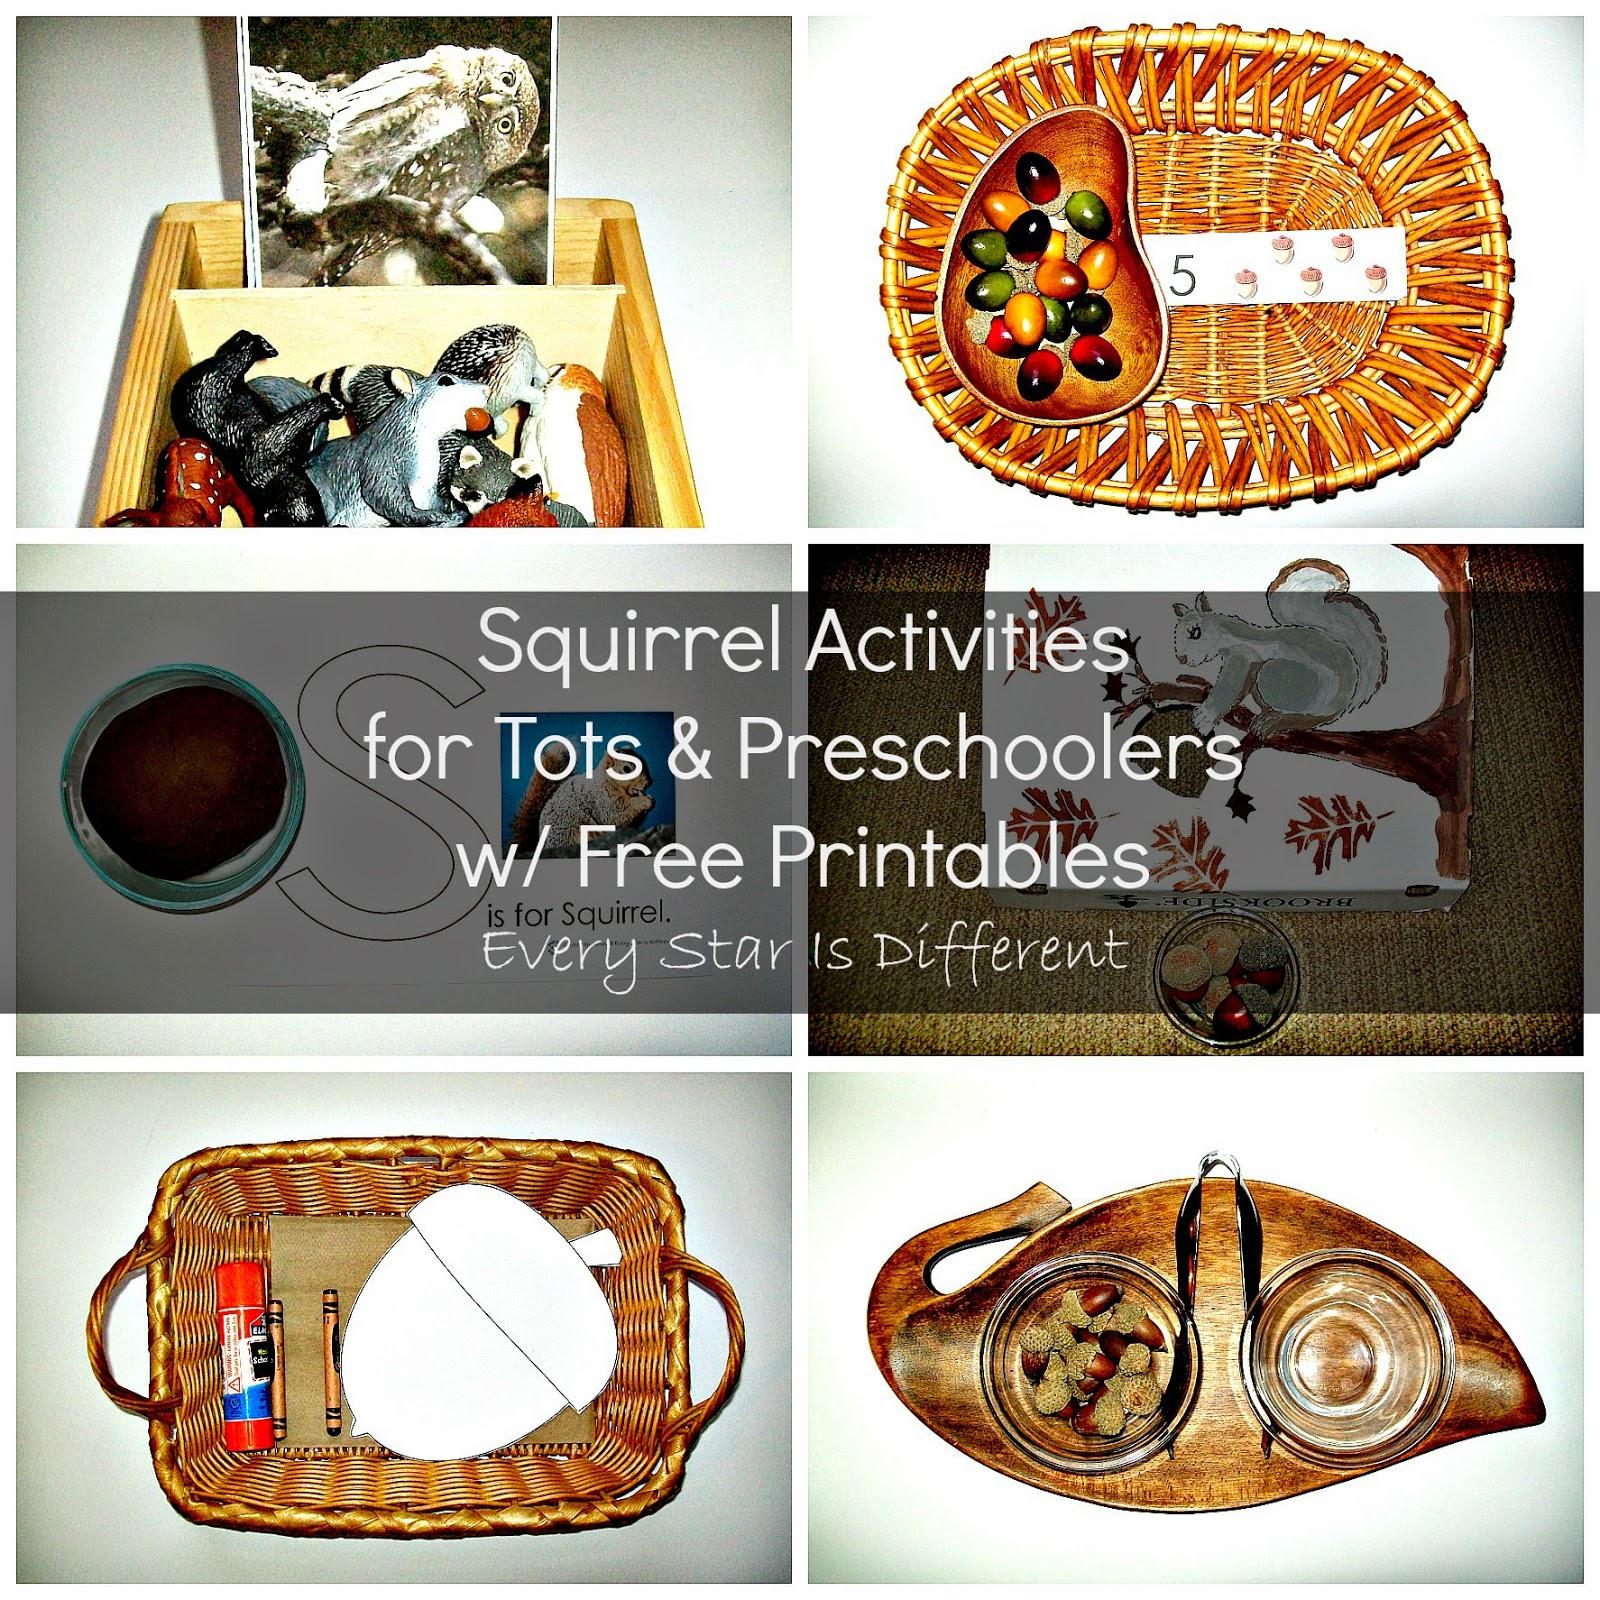 Squirrel Activities for Tots